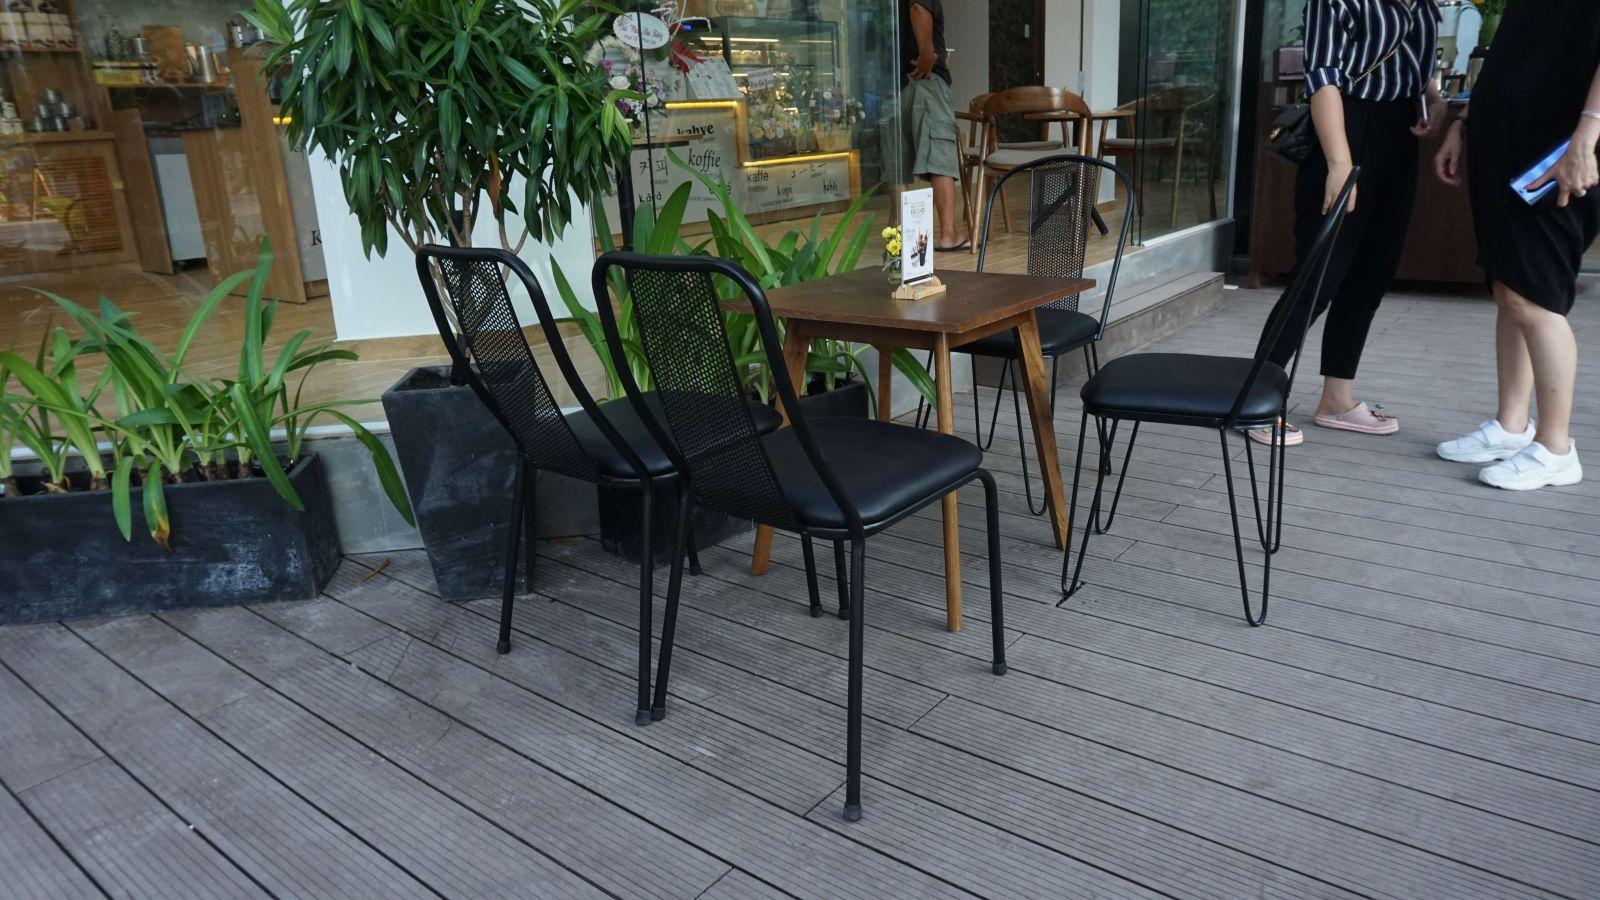 mẫu bàn ghế nội thất ngoài trời pcm cung cấp